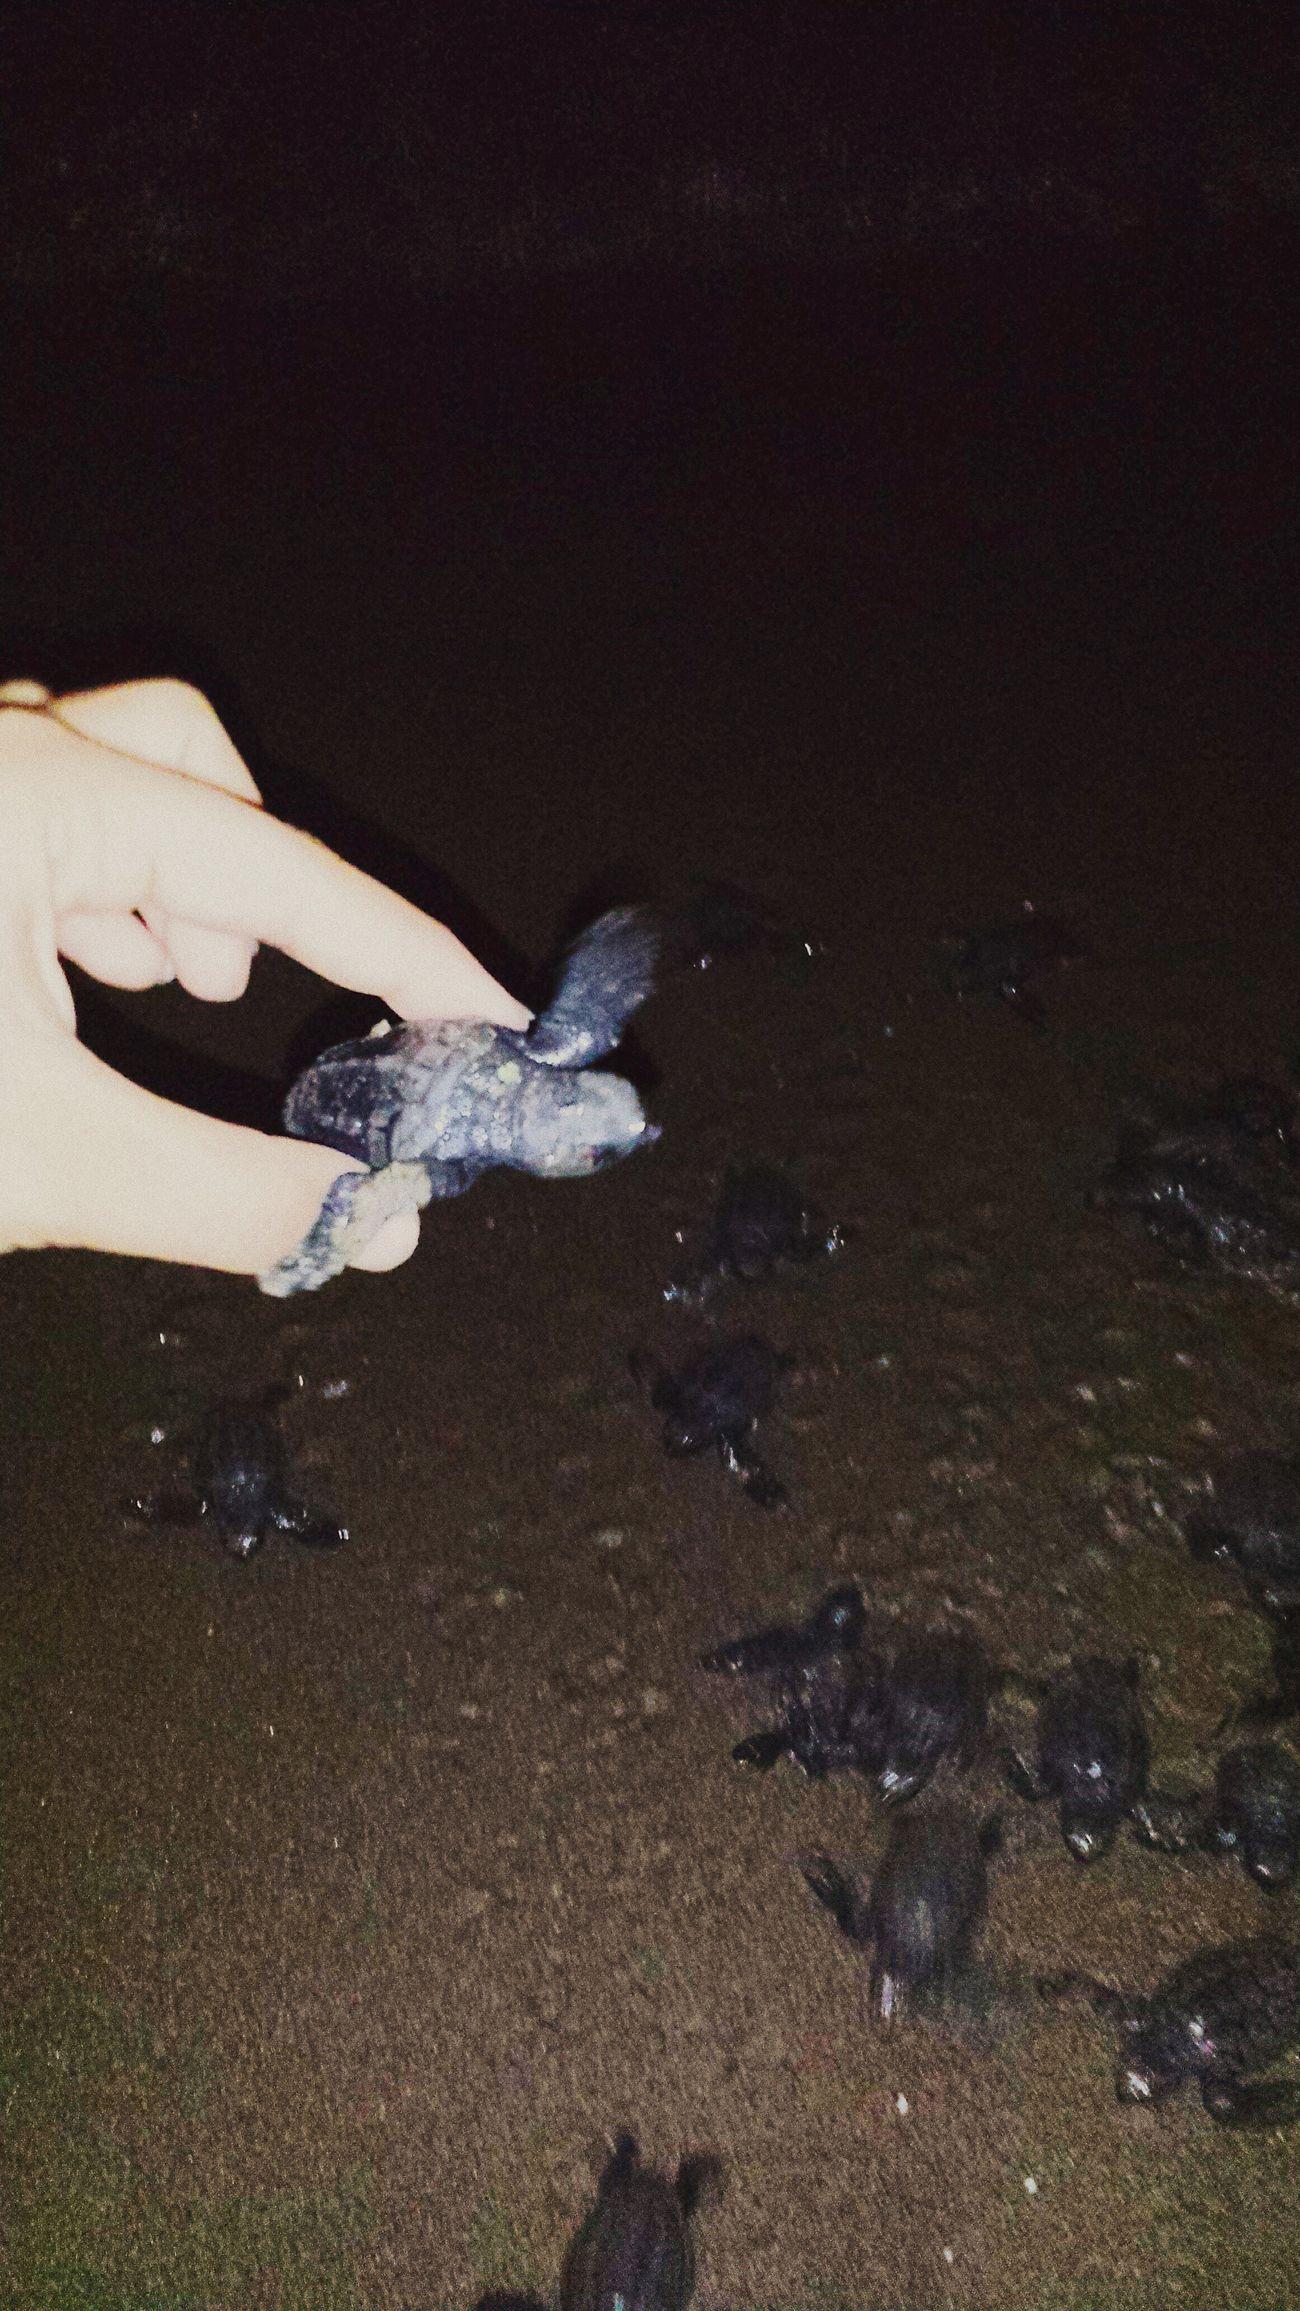 Tömük Sahil Sea Carettacaretta Caretta Caretta Beach Kurtarma Yavrucaklar Mersin Tömük First Eyeem Photo Türkiye